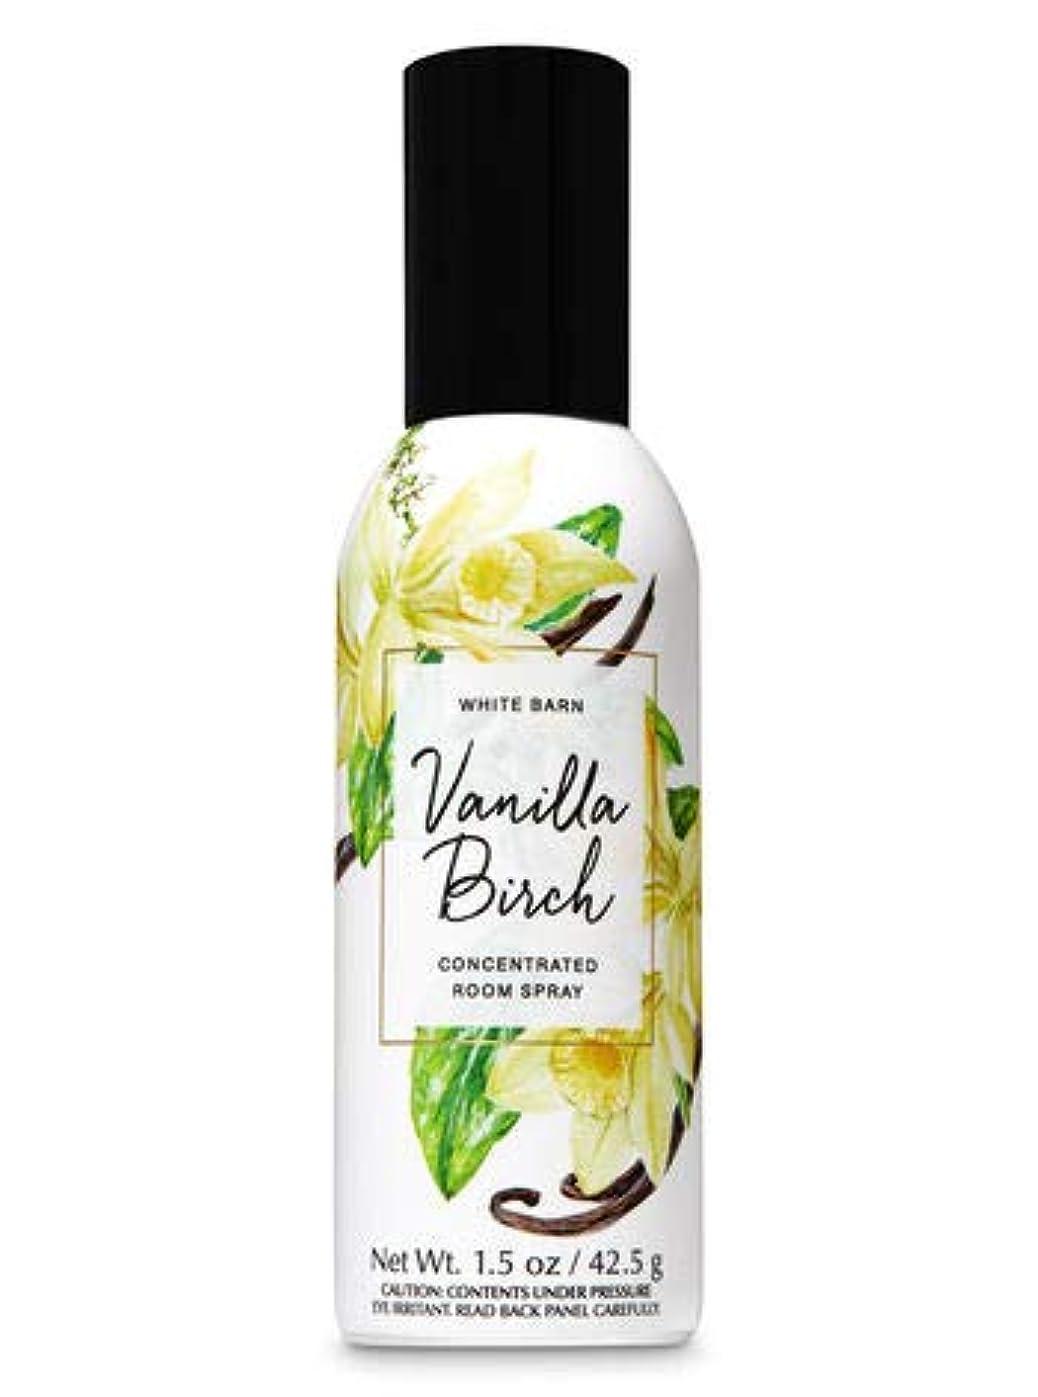 テーマファントムピービッシュ【Bath&Body Works/バス&ボディワークス】 ルームスプレー バニラバーチ 1.5 oz. Concentrated Room Spray/Room Perfume Vanilla Birch [並行輸入品]